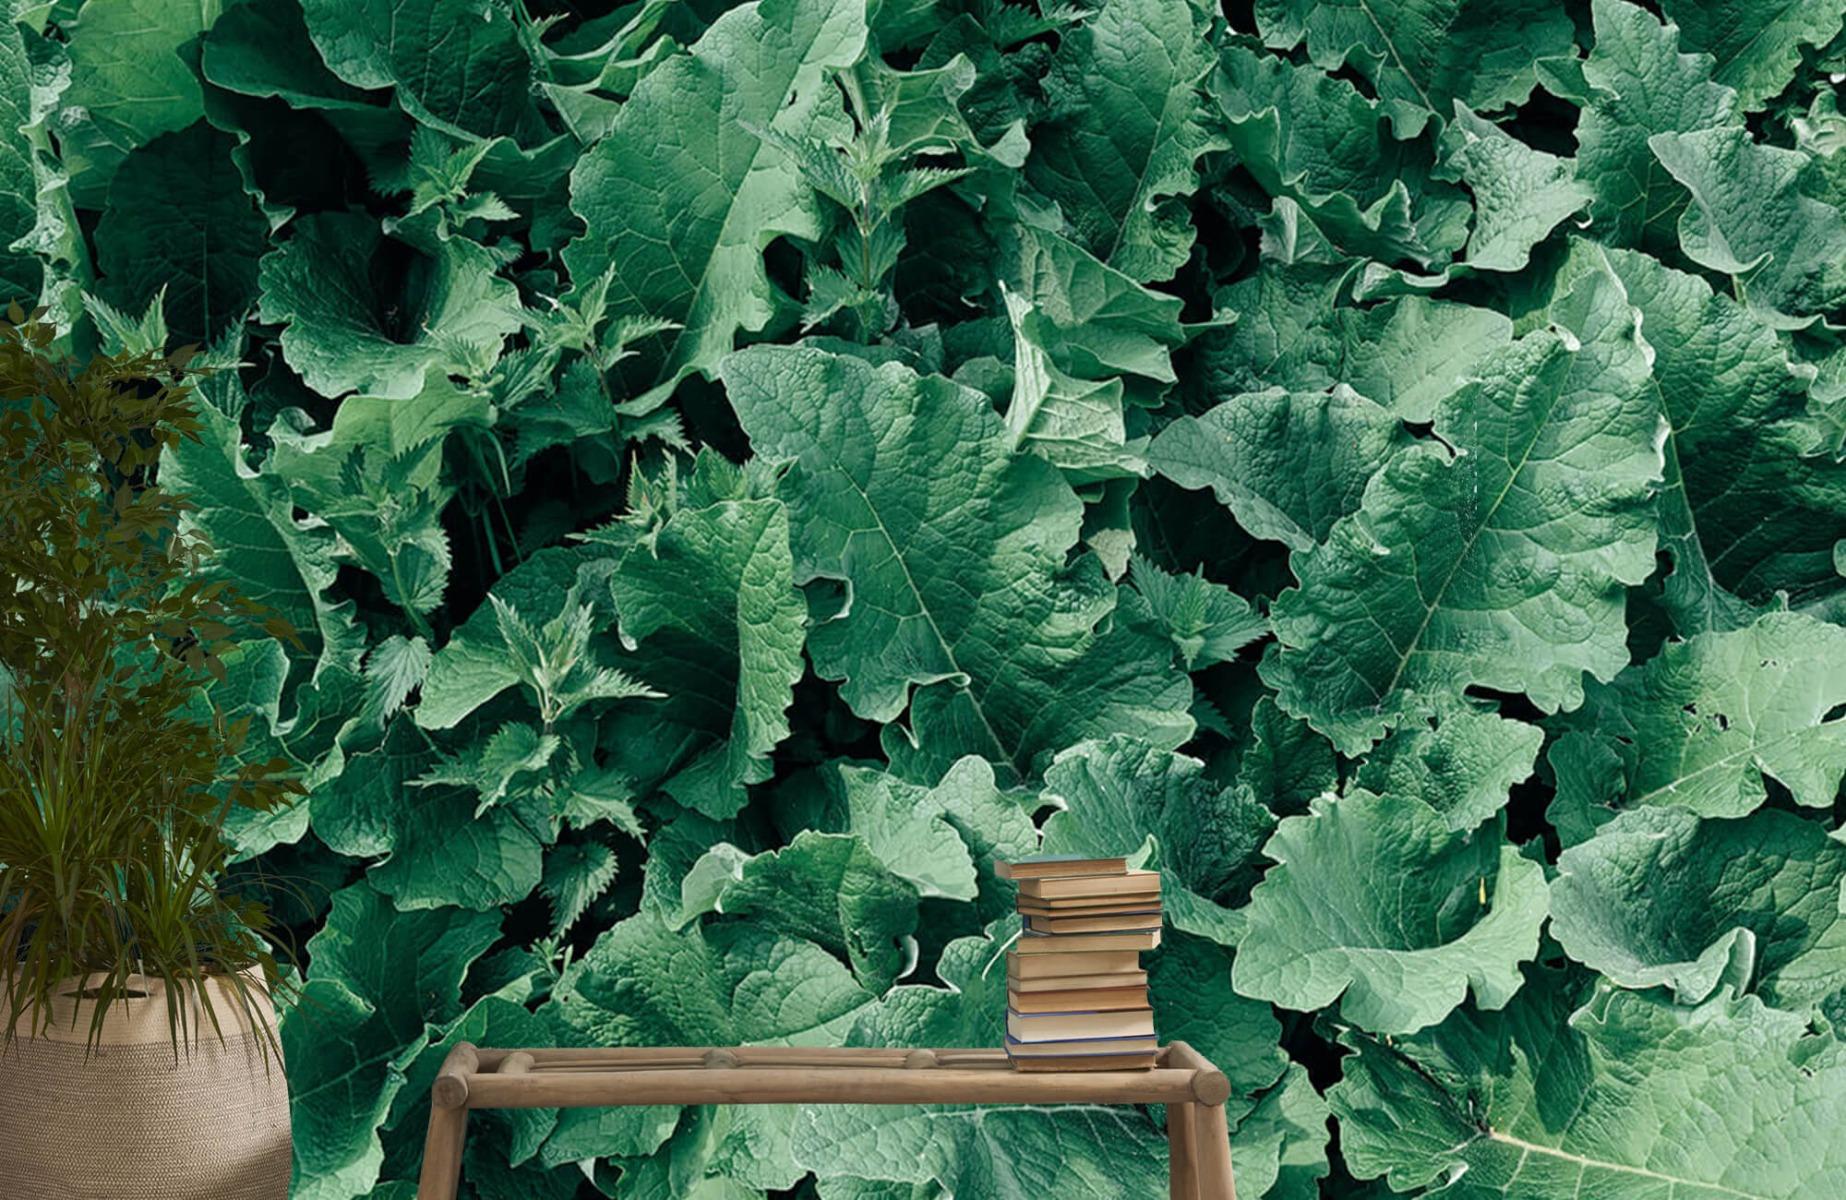 Bladeren - Gedetailleerd groen bladerdek - Wallexclusive - Slaapkamer 20